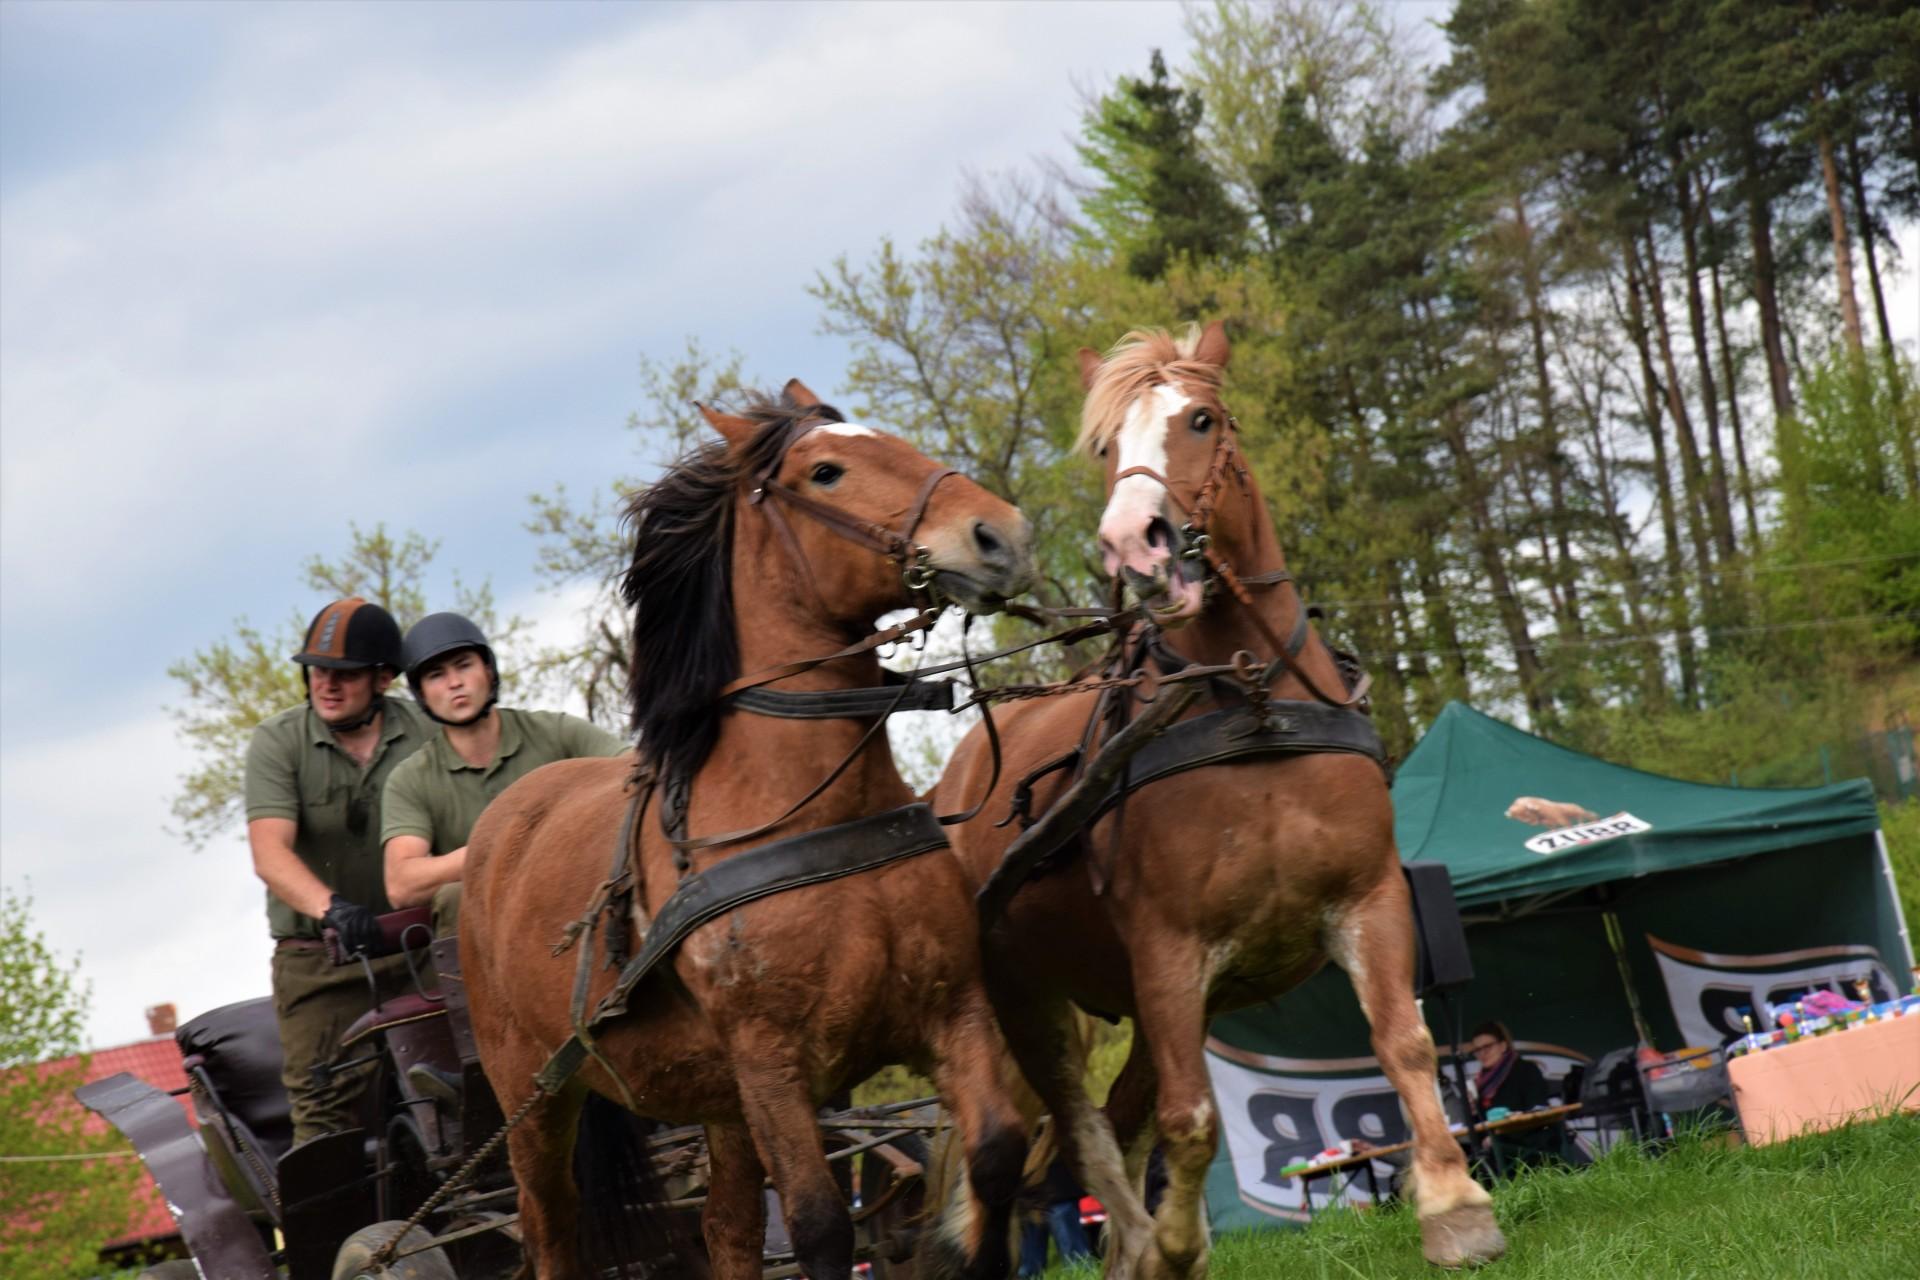 Konie, Kaszuby, Wiśta wio! Zawody w Ostrzycach [FOTOREPORTAŻ] 3